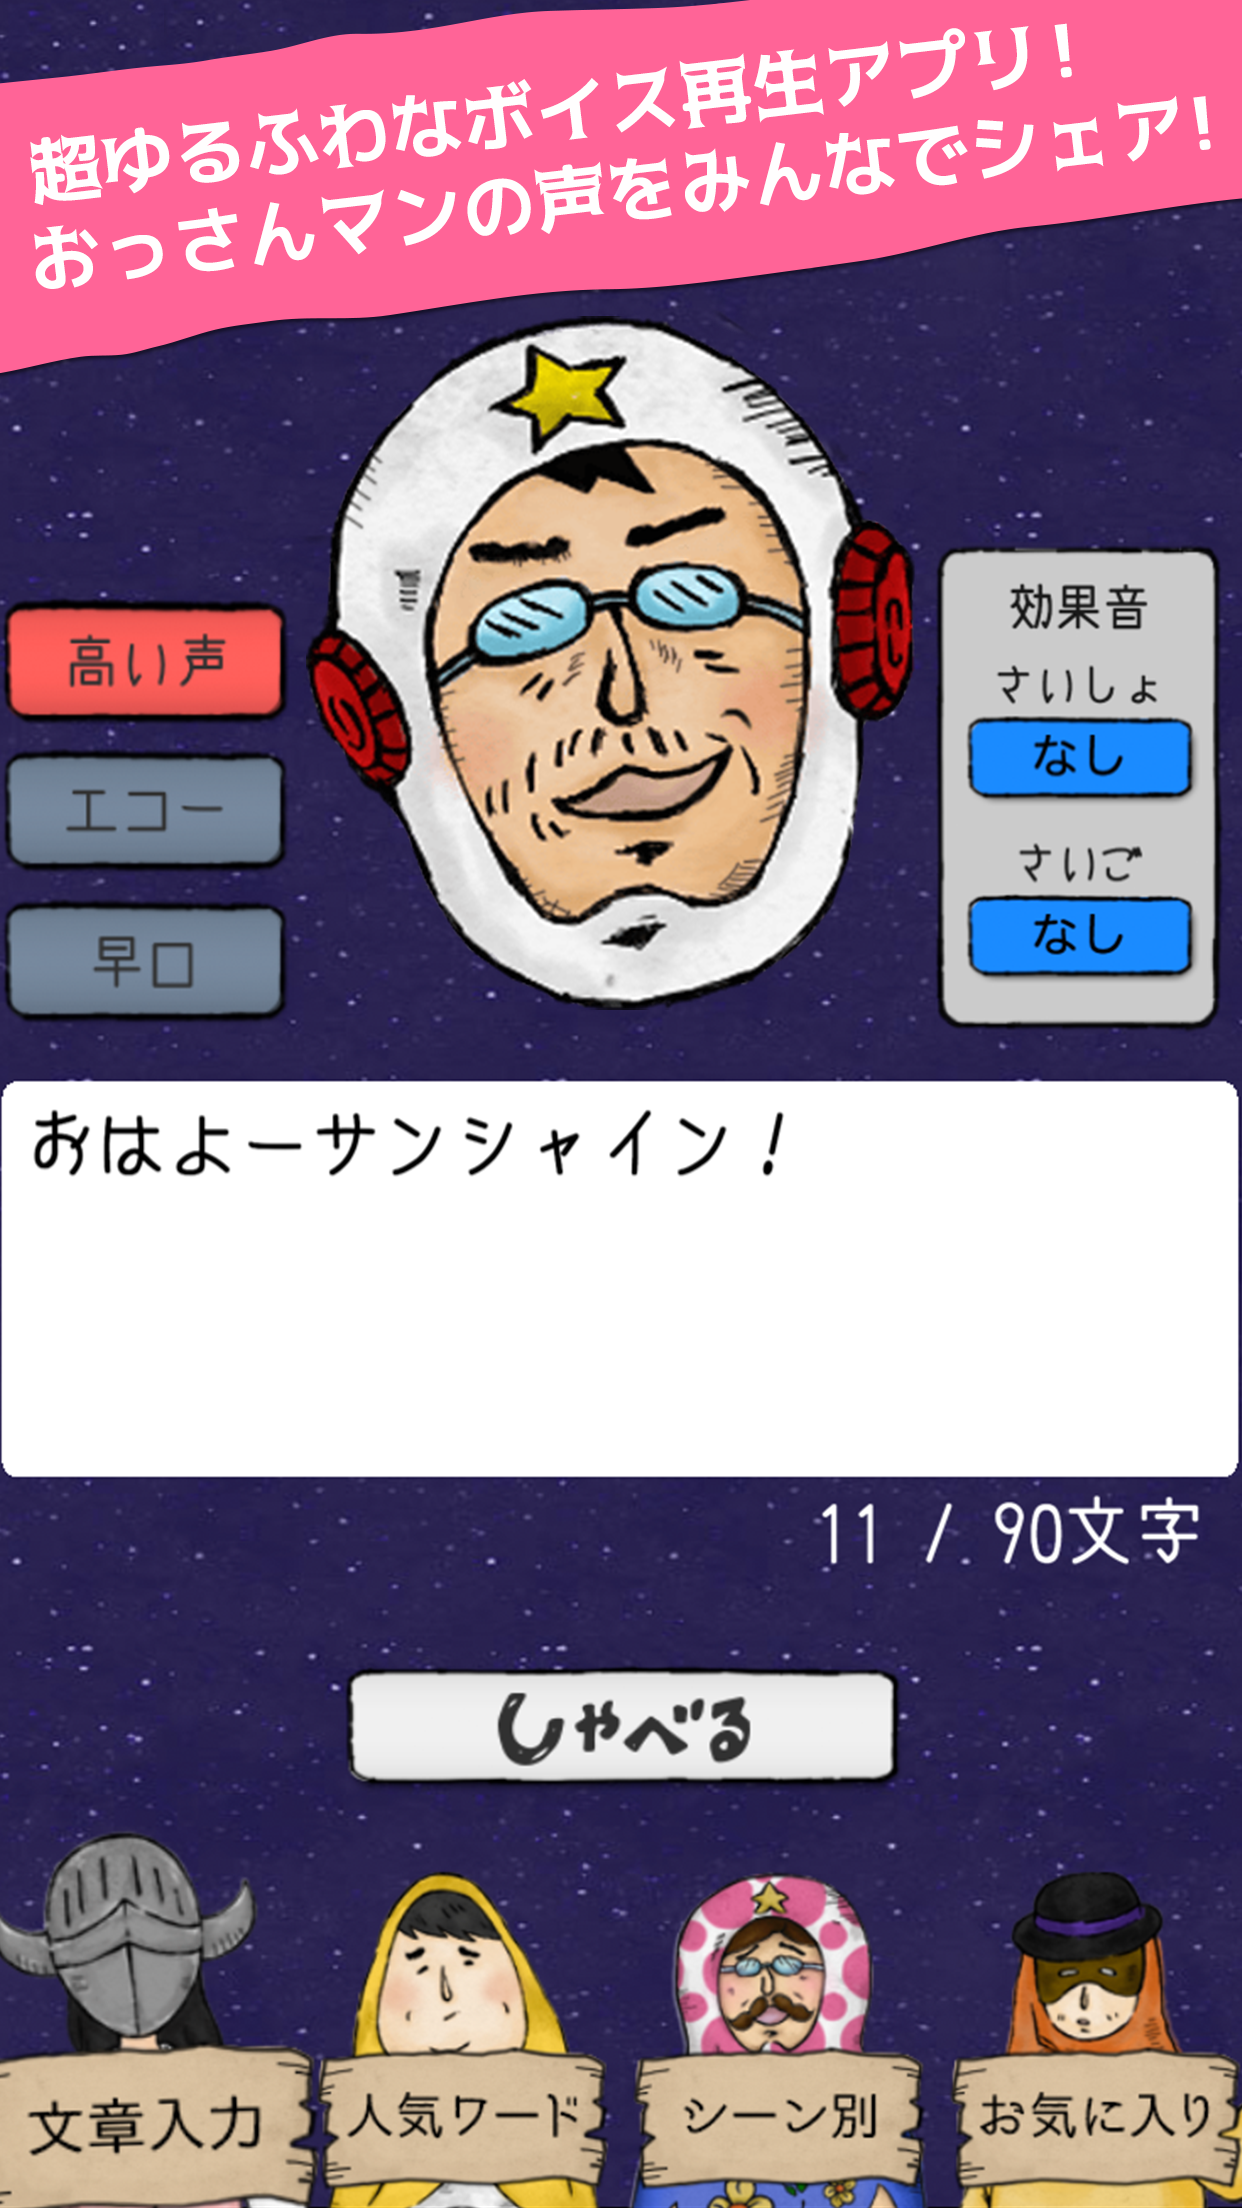 スマホアプリ『しゃべるおっさんマン』にエーアイのAITalk(R)が採用 ~言いにくいことを音声合成で代弁!~